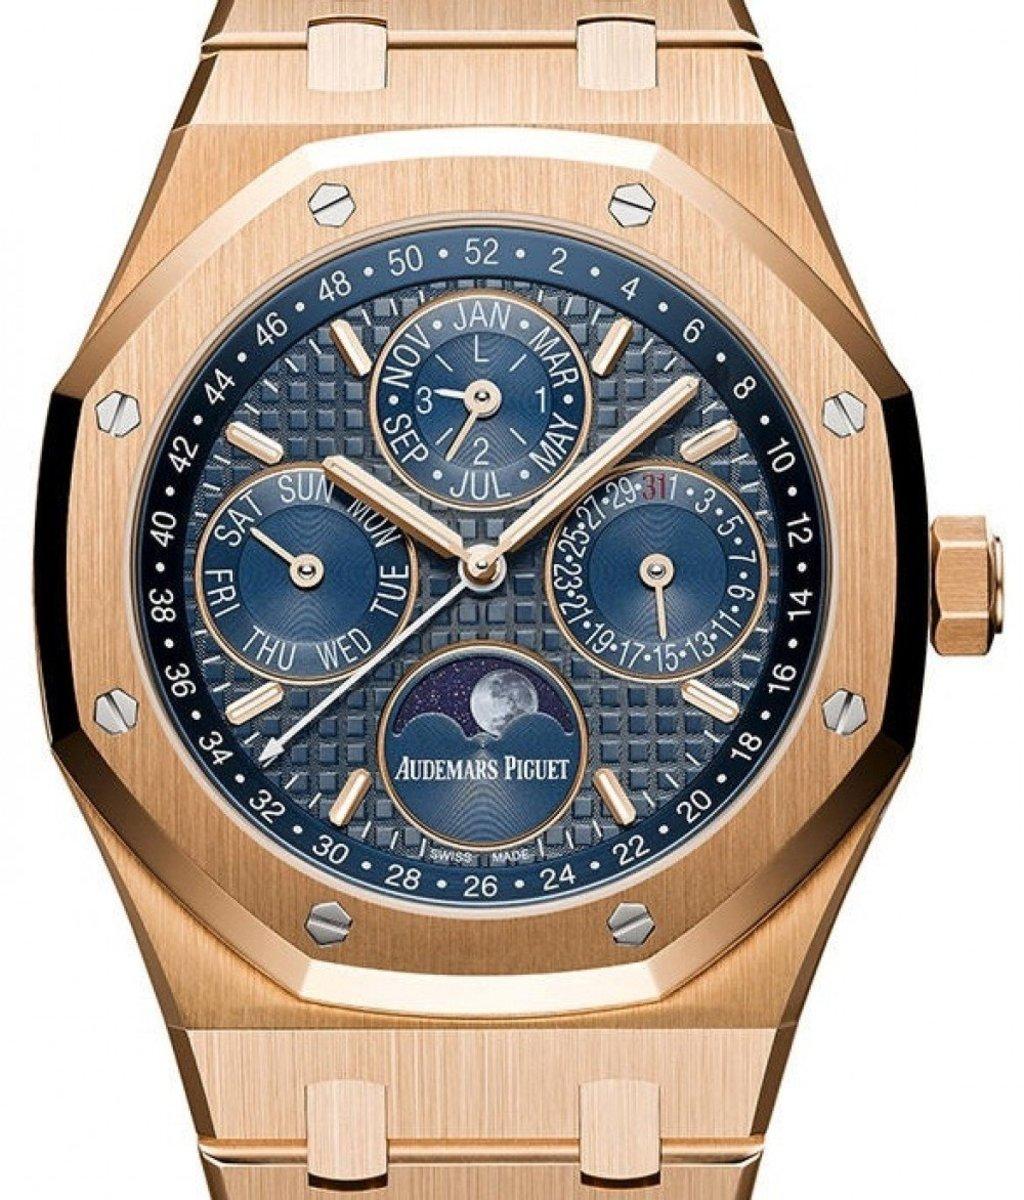 Audemars Piguet Royal Oak Perpetual Calendar watch.